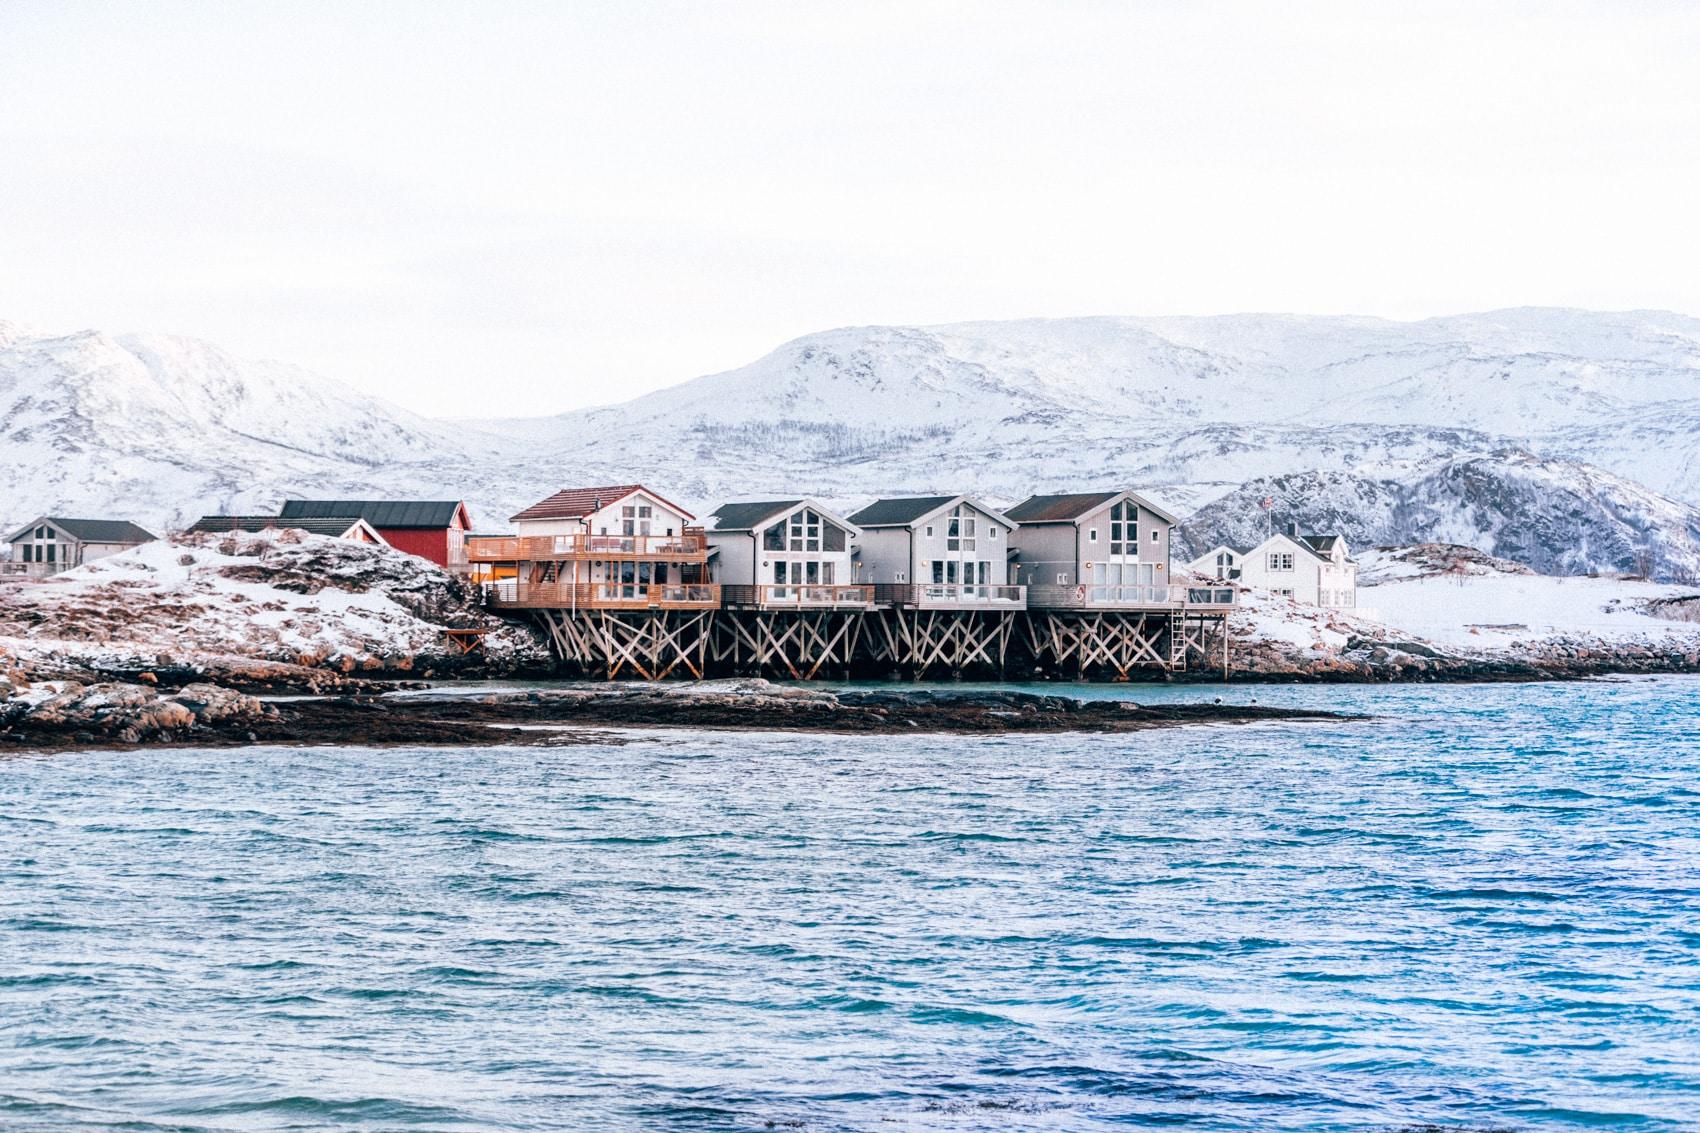 ID5A7723 - Bilan de nos 4 jours en Norvège